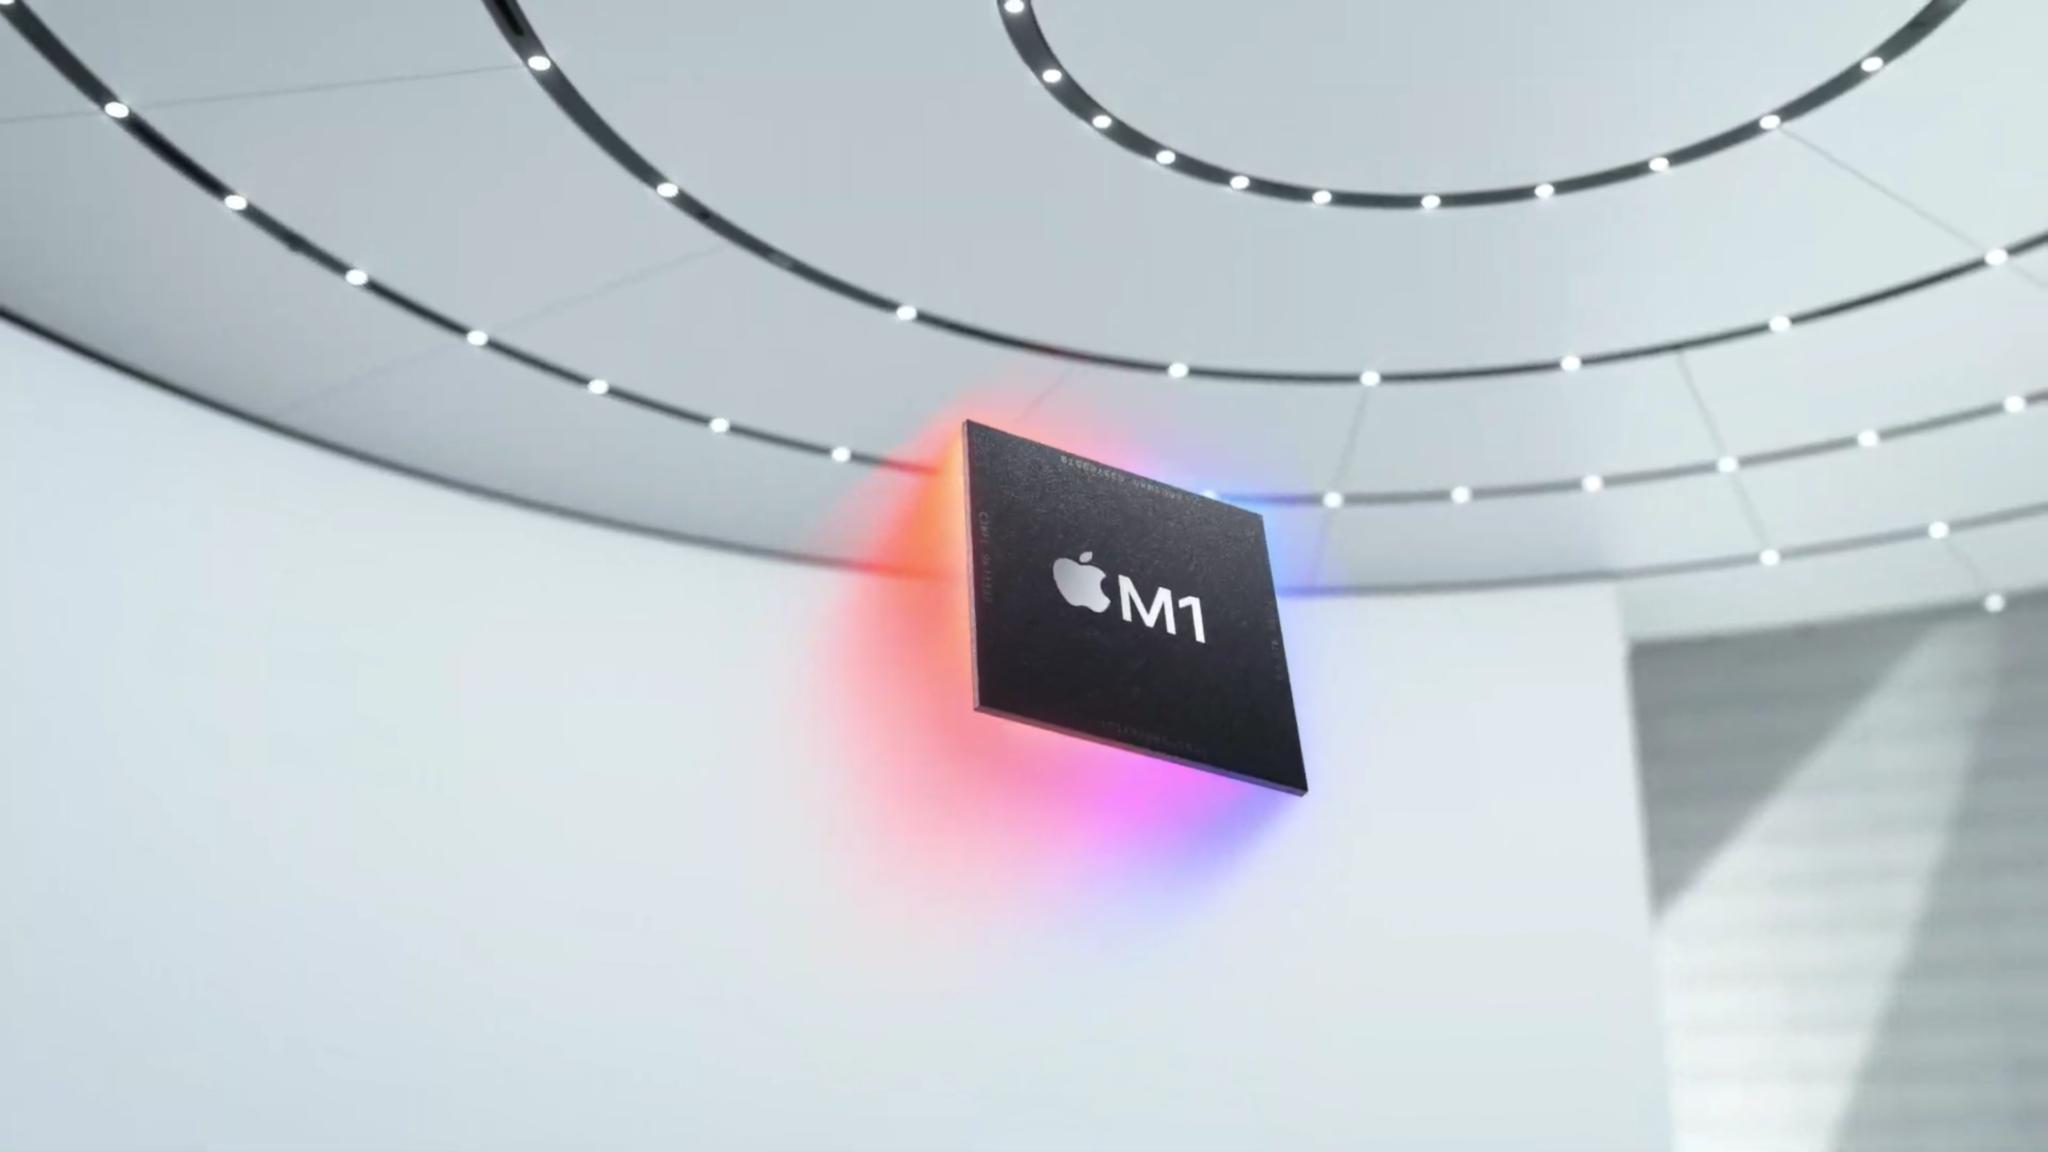 Bloomberg: Nachfolger des Apple M1-Prozessors soll bis zu 20 Kerne haben